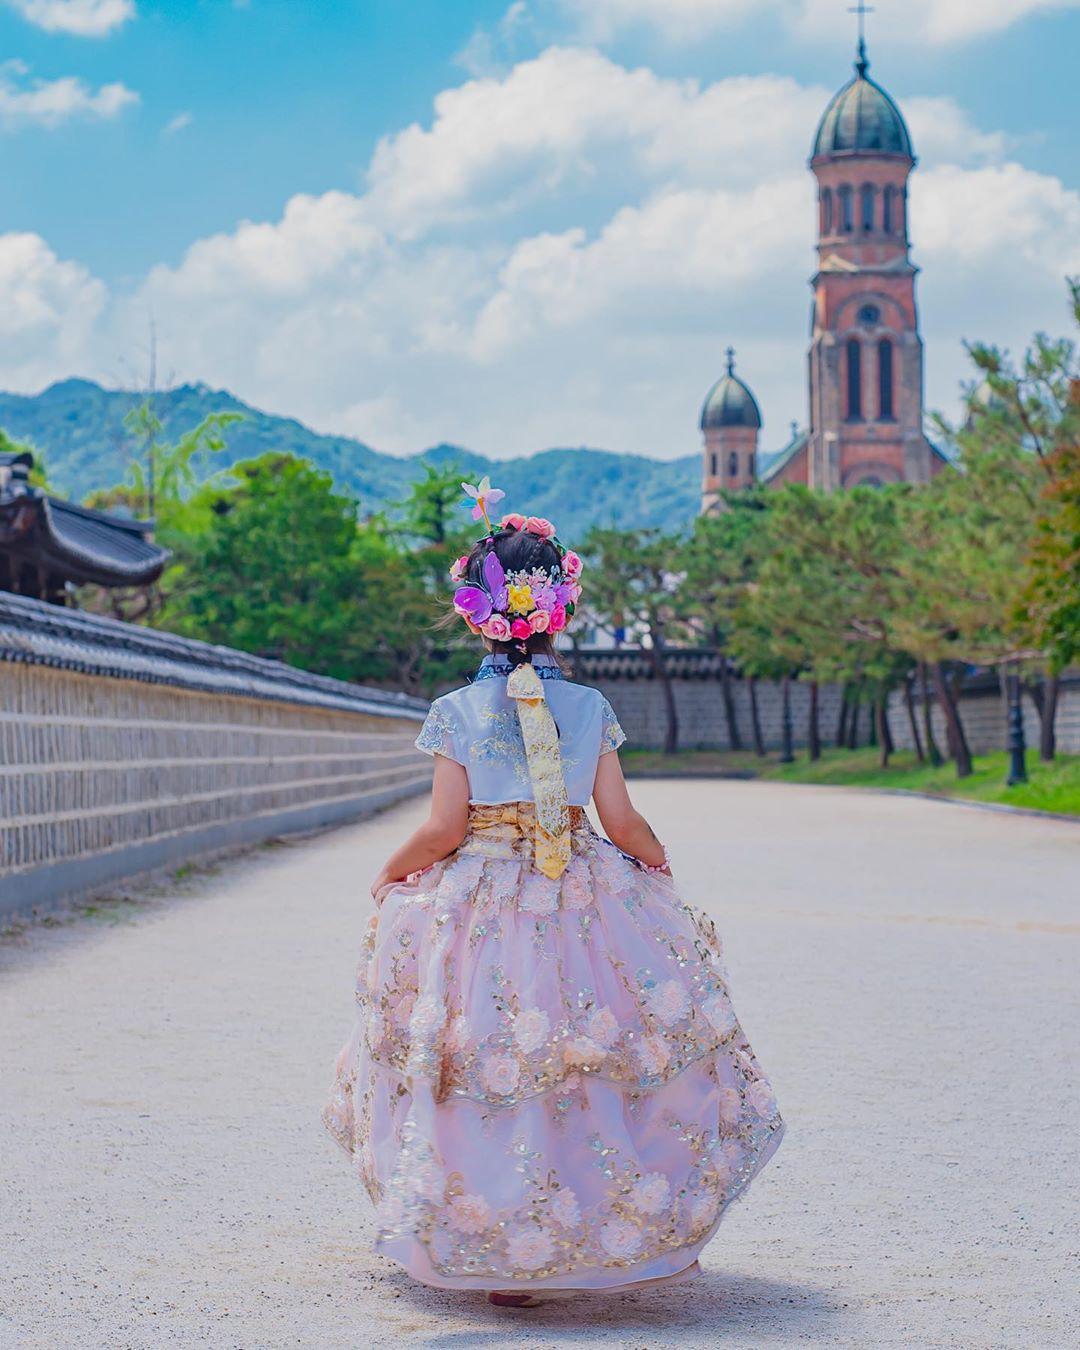 Thong thong khám phá văn hóa truyền thống tại 5 ngôi làng cổ đặc sắc nhất xứ Hàn - Ảnh 17.